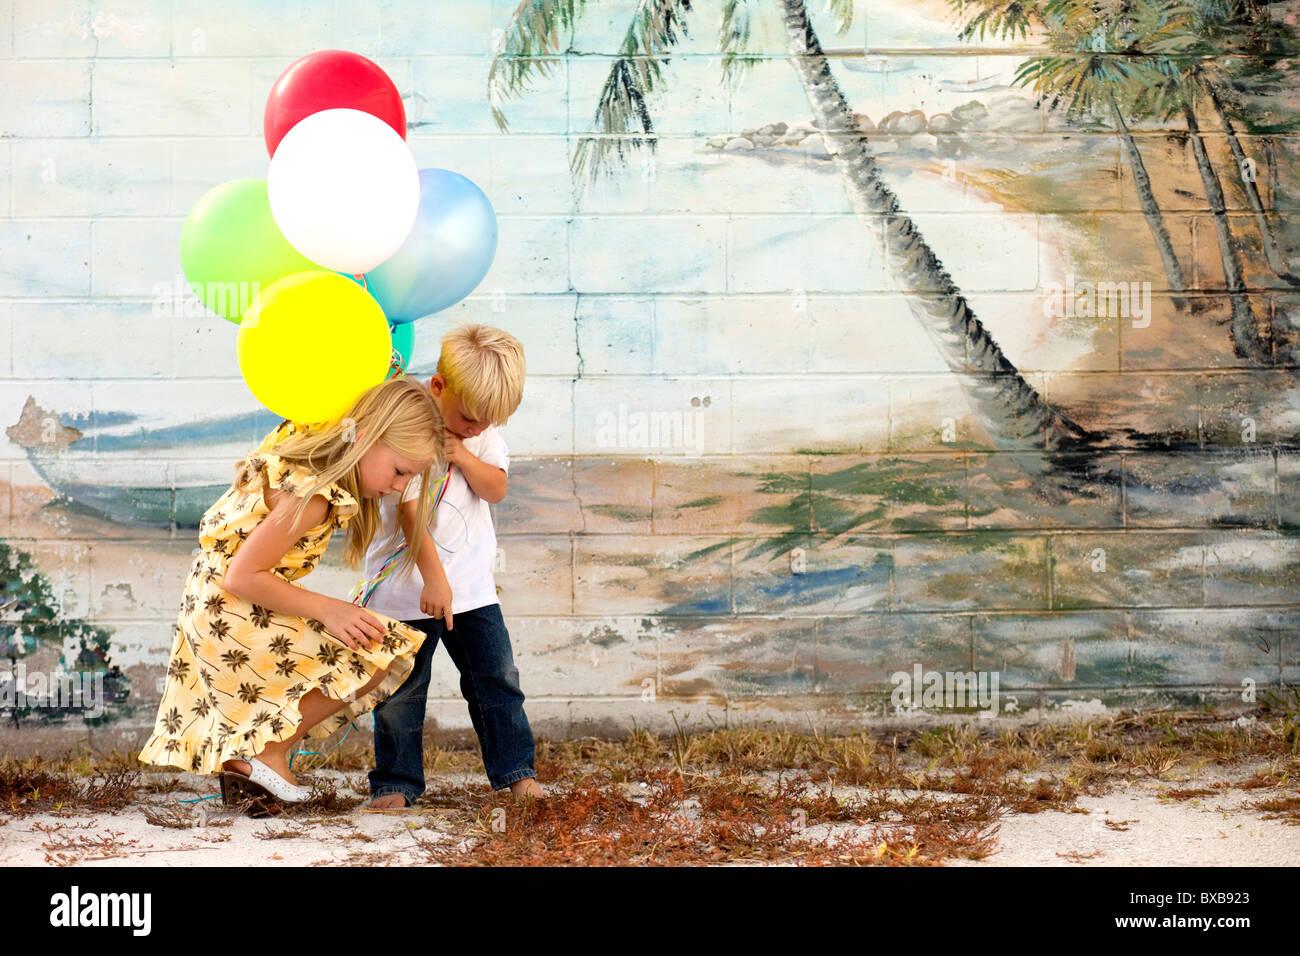 Ragazzo e ragazza con palloncini guardando a terra Immagini Stock